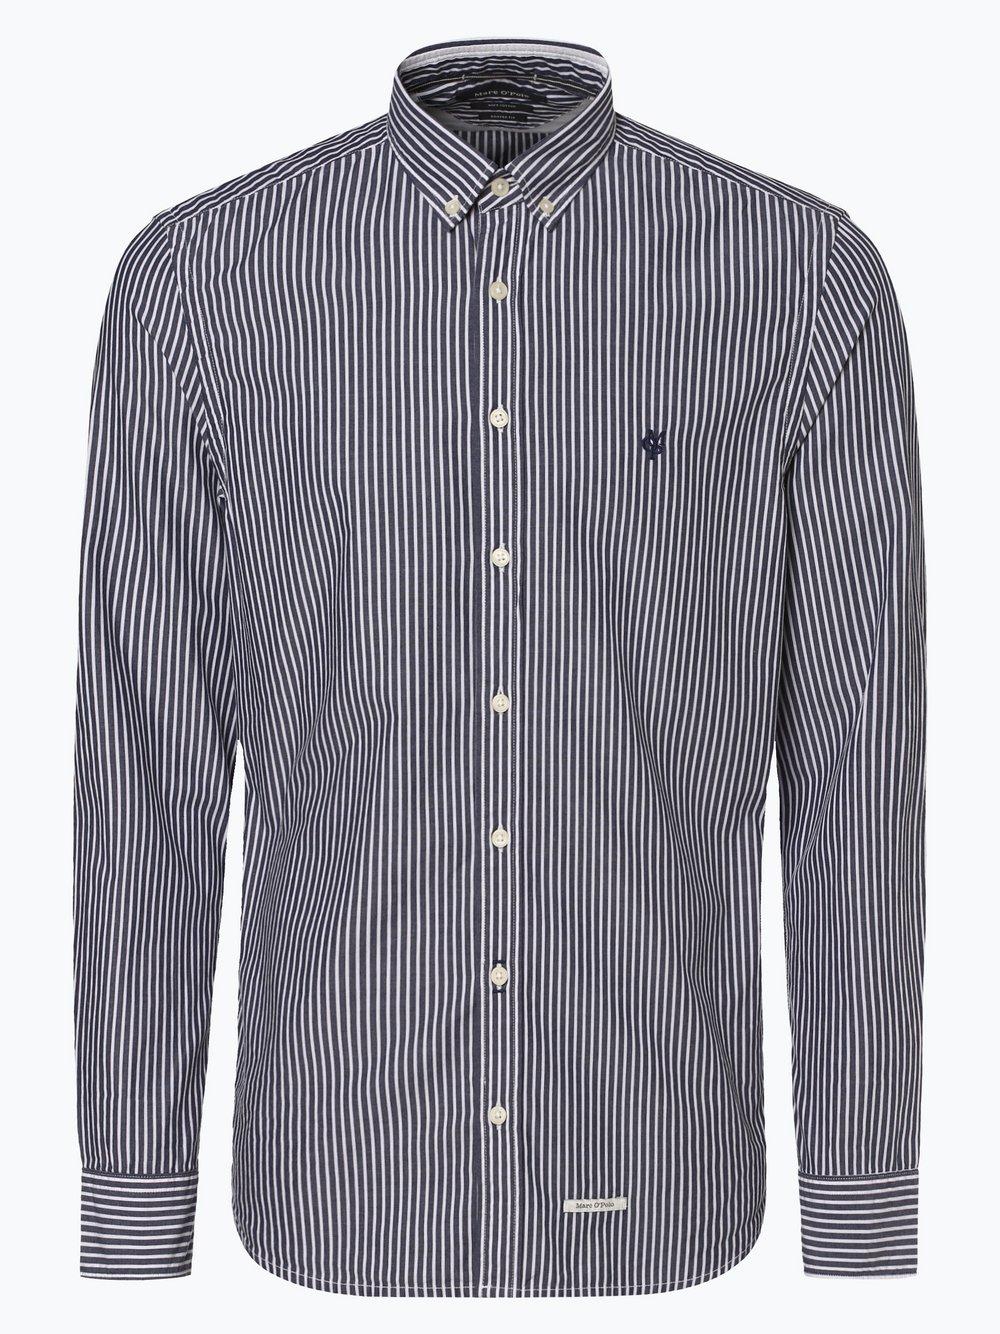 Marc O'Polo - Koszula męska, niebieski